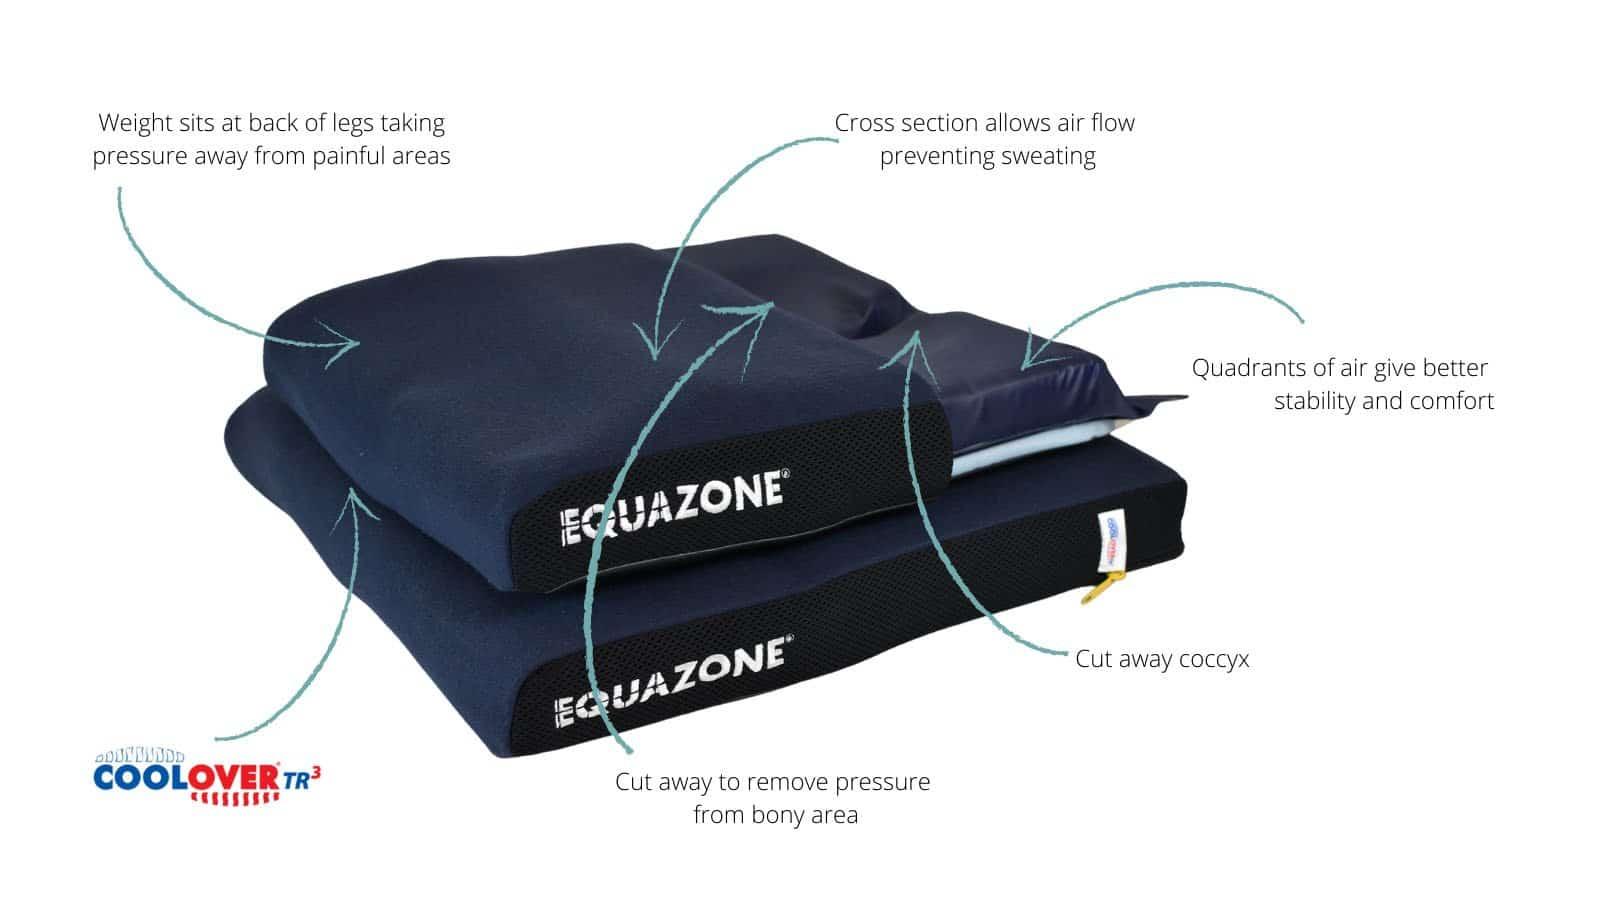 Equazone Air Cushion Features